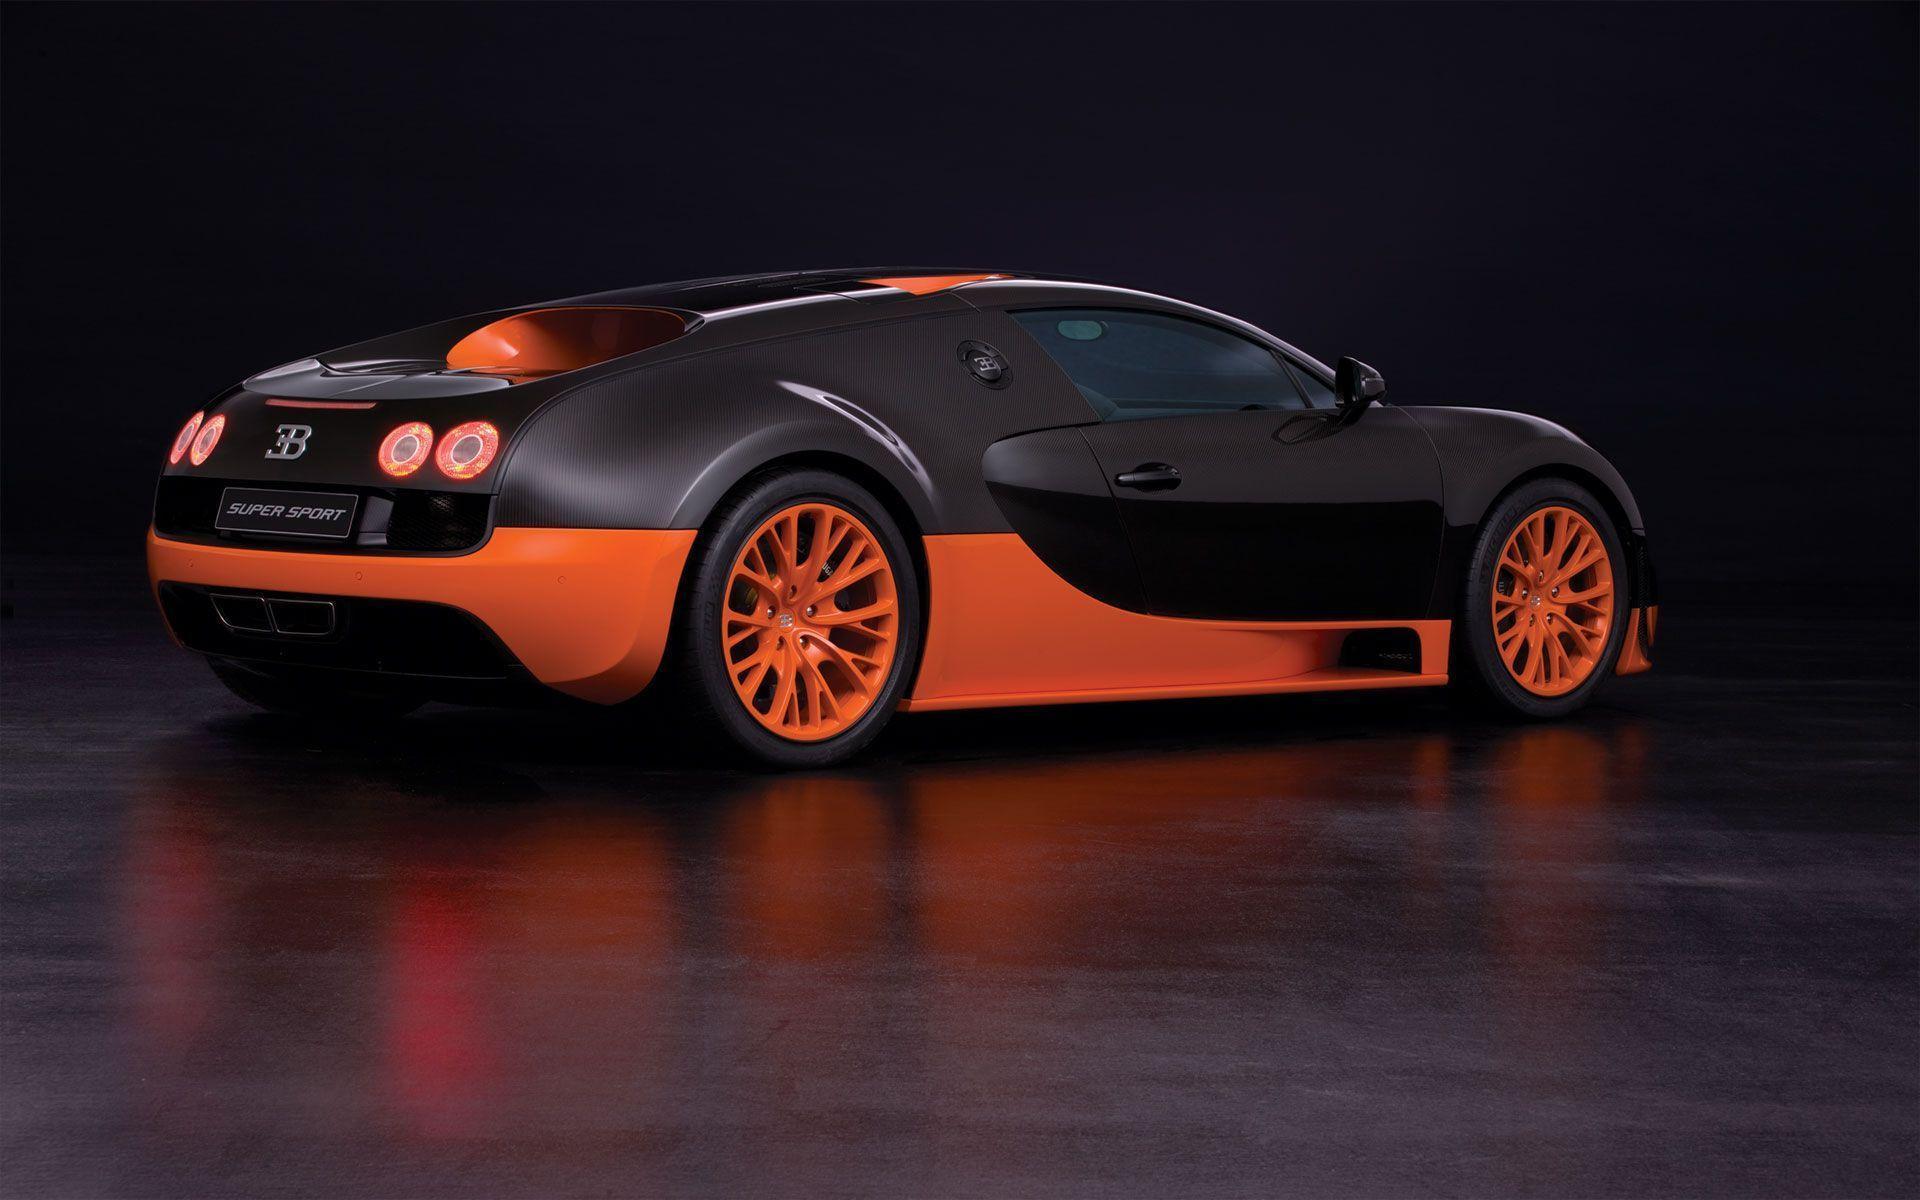 Bugatti Veyron Super Sport Wallpaper Mobile: Bugatti Veyron HD Wallpapers